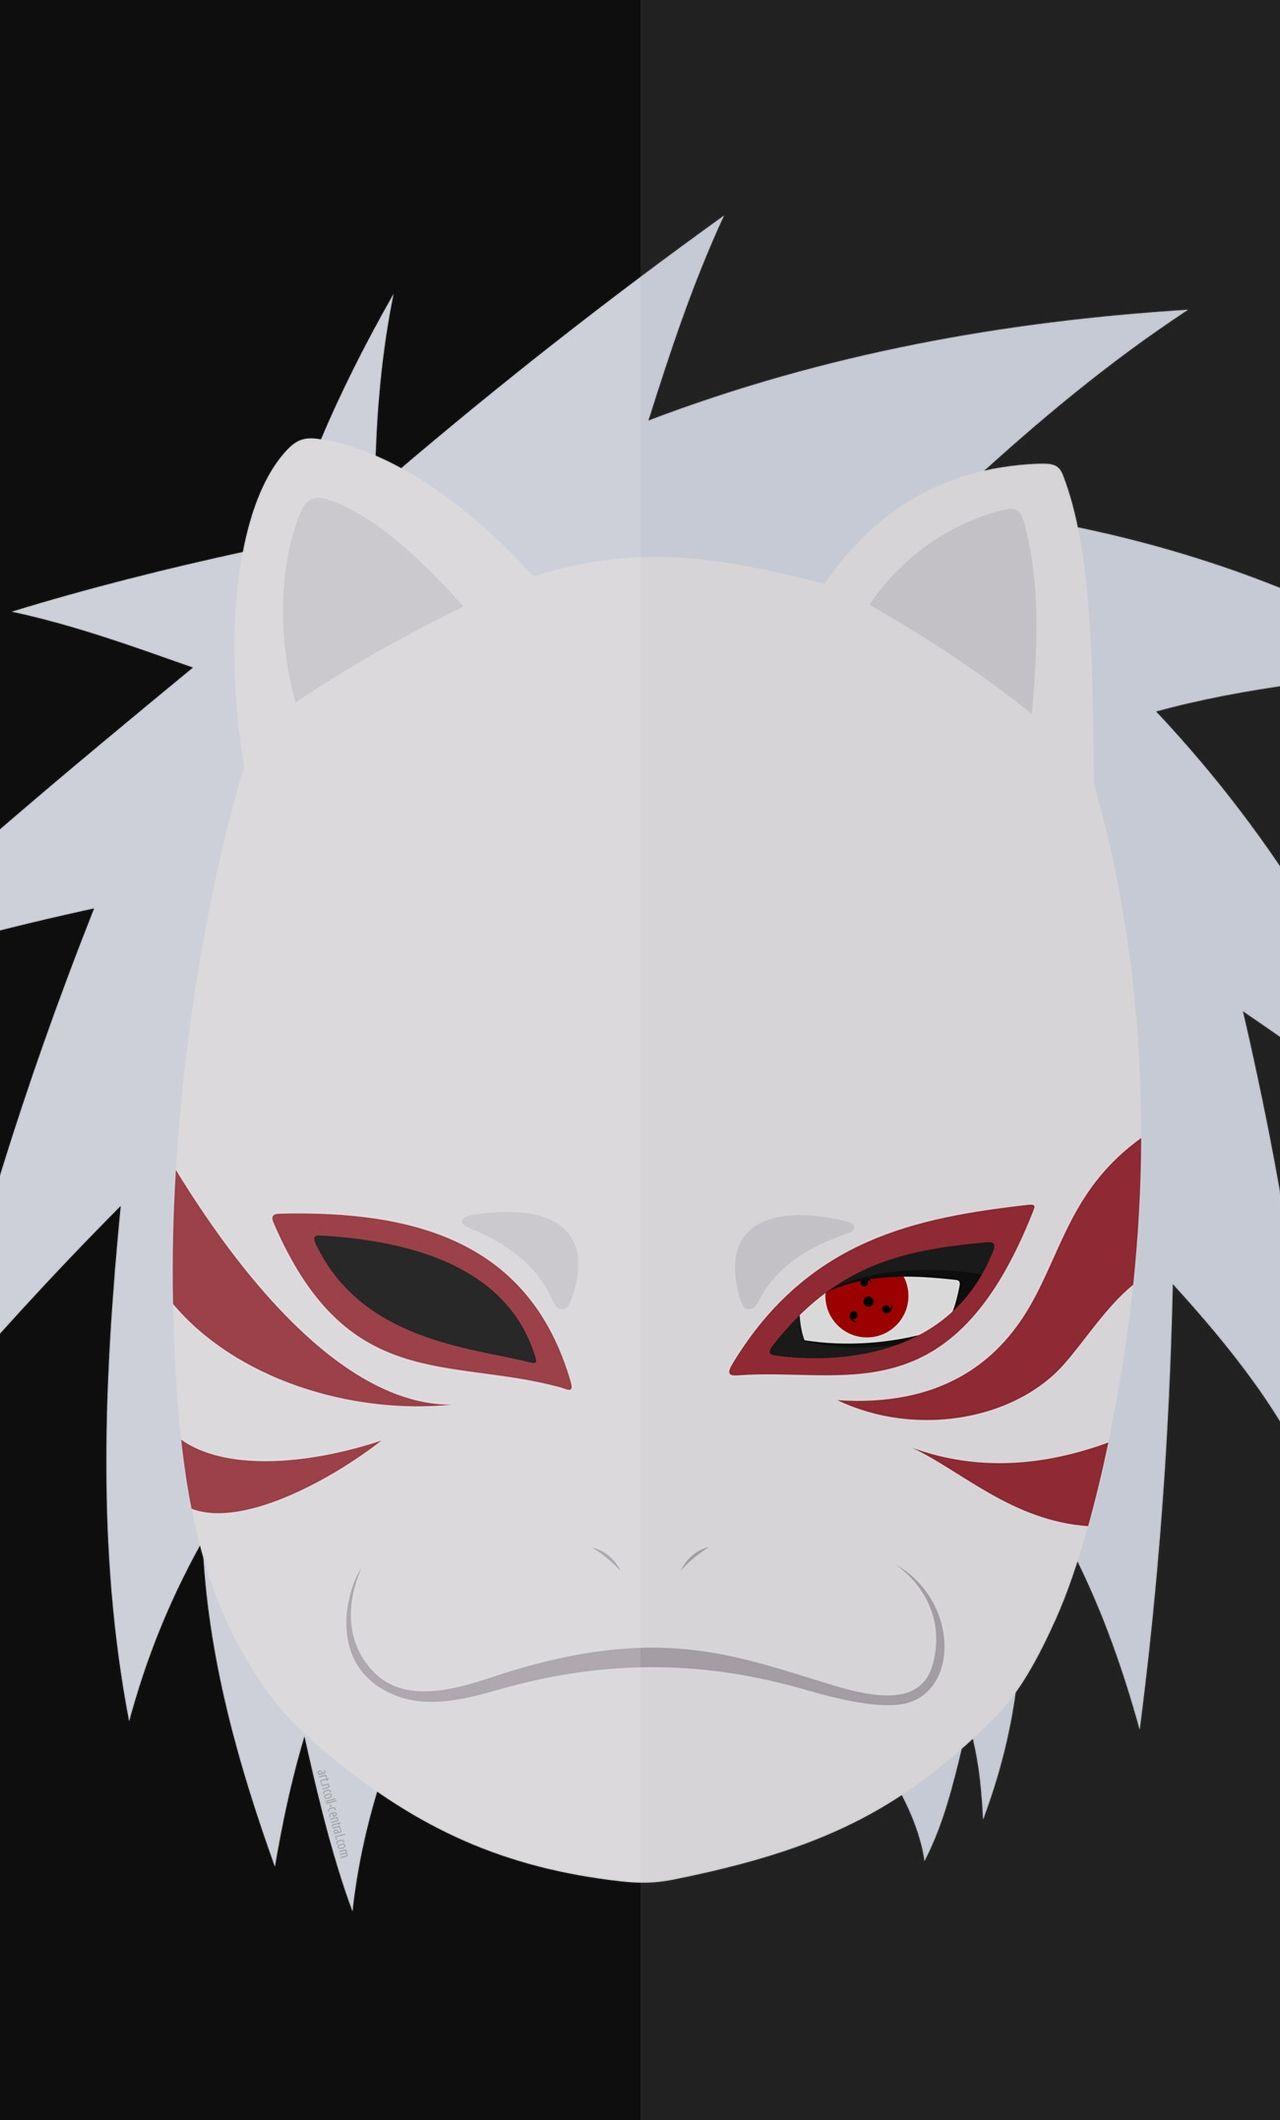 Kakashi Wallpaper 4k Iphone Gallery Naruto Desenho Anime Desenho